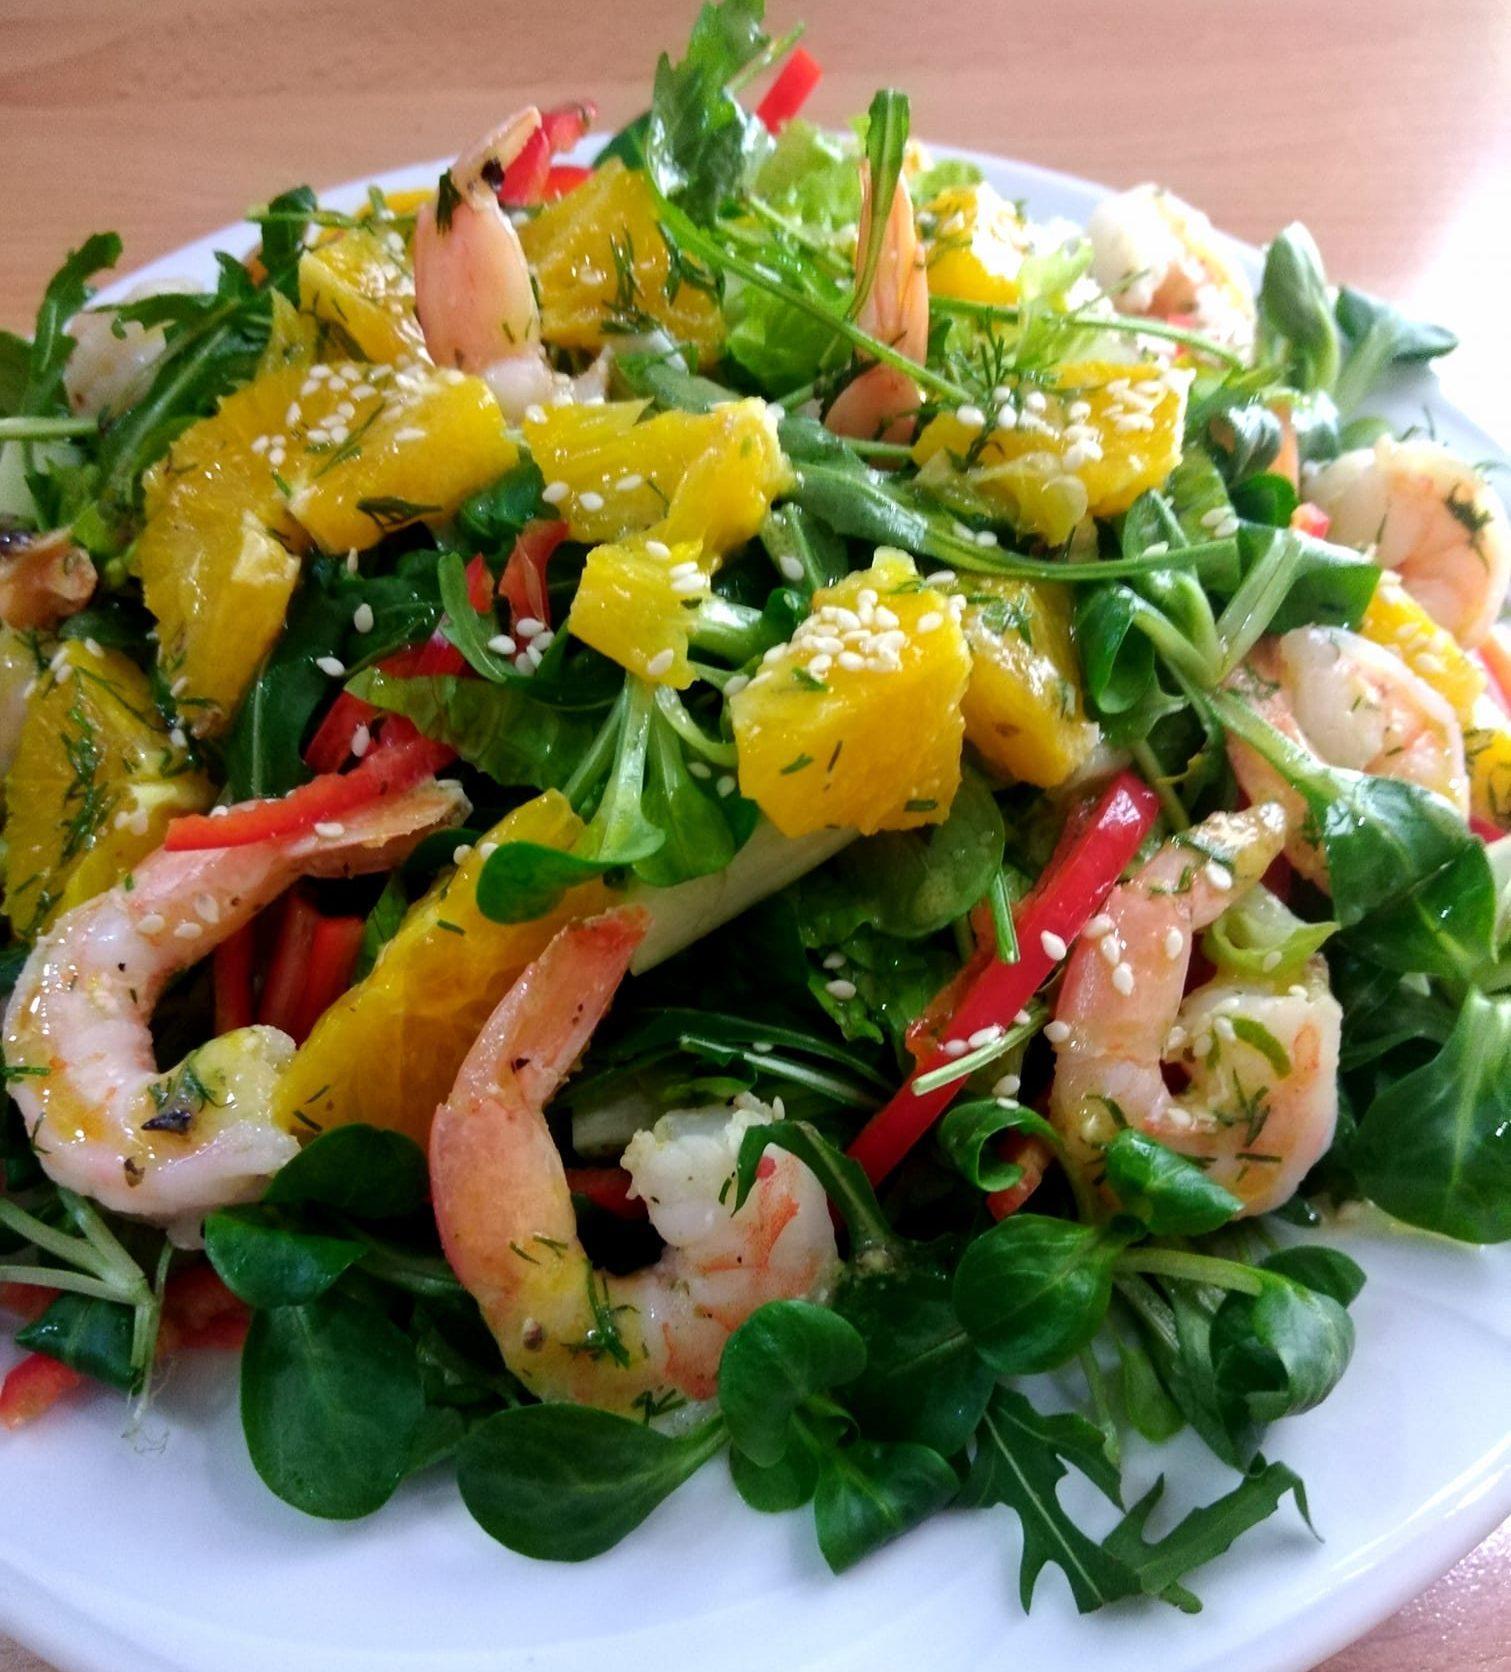 Σαλάτα με γαρίδες και σως πορτοκαλιού